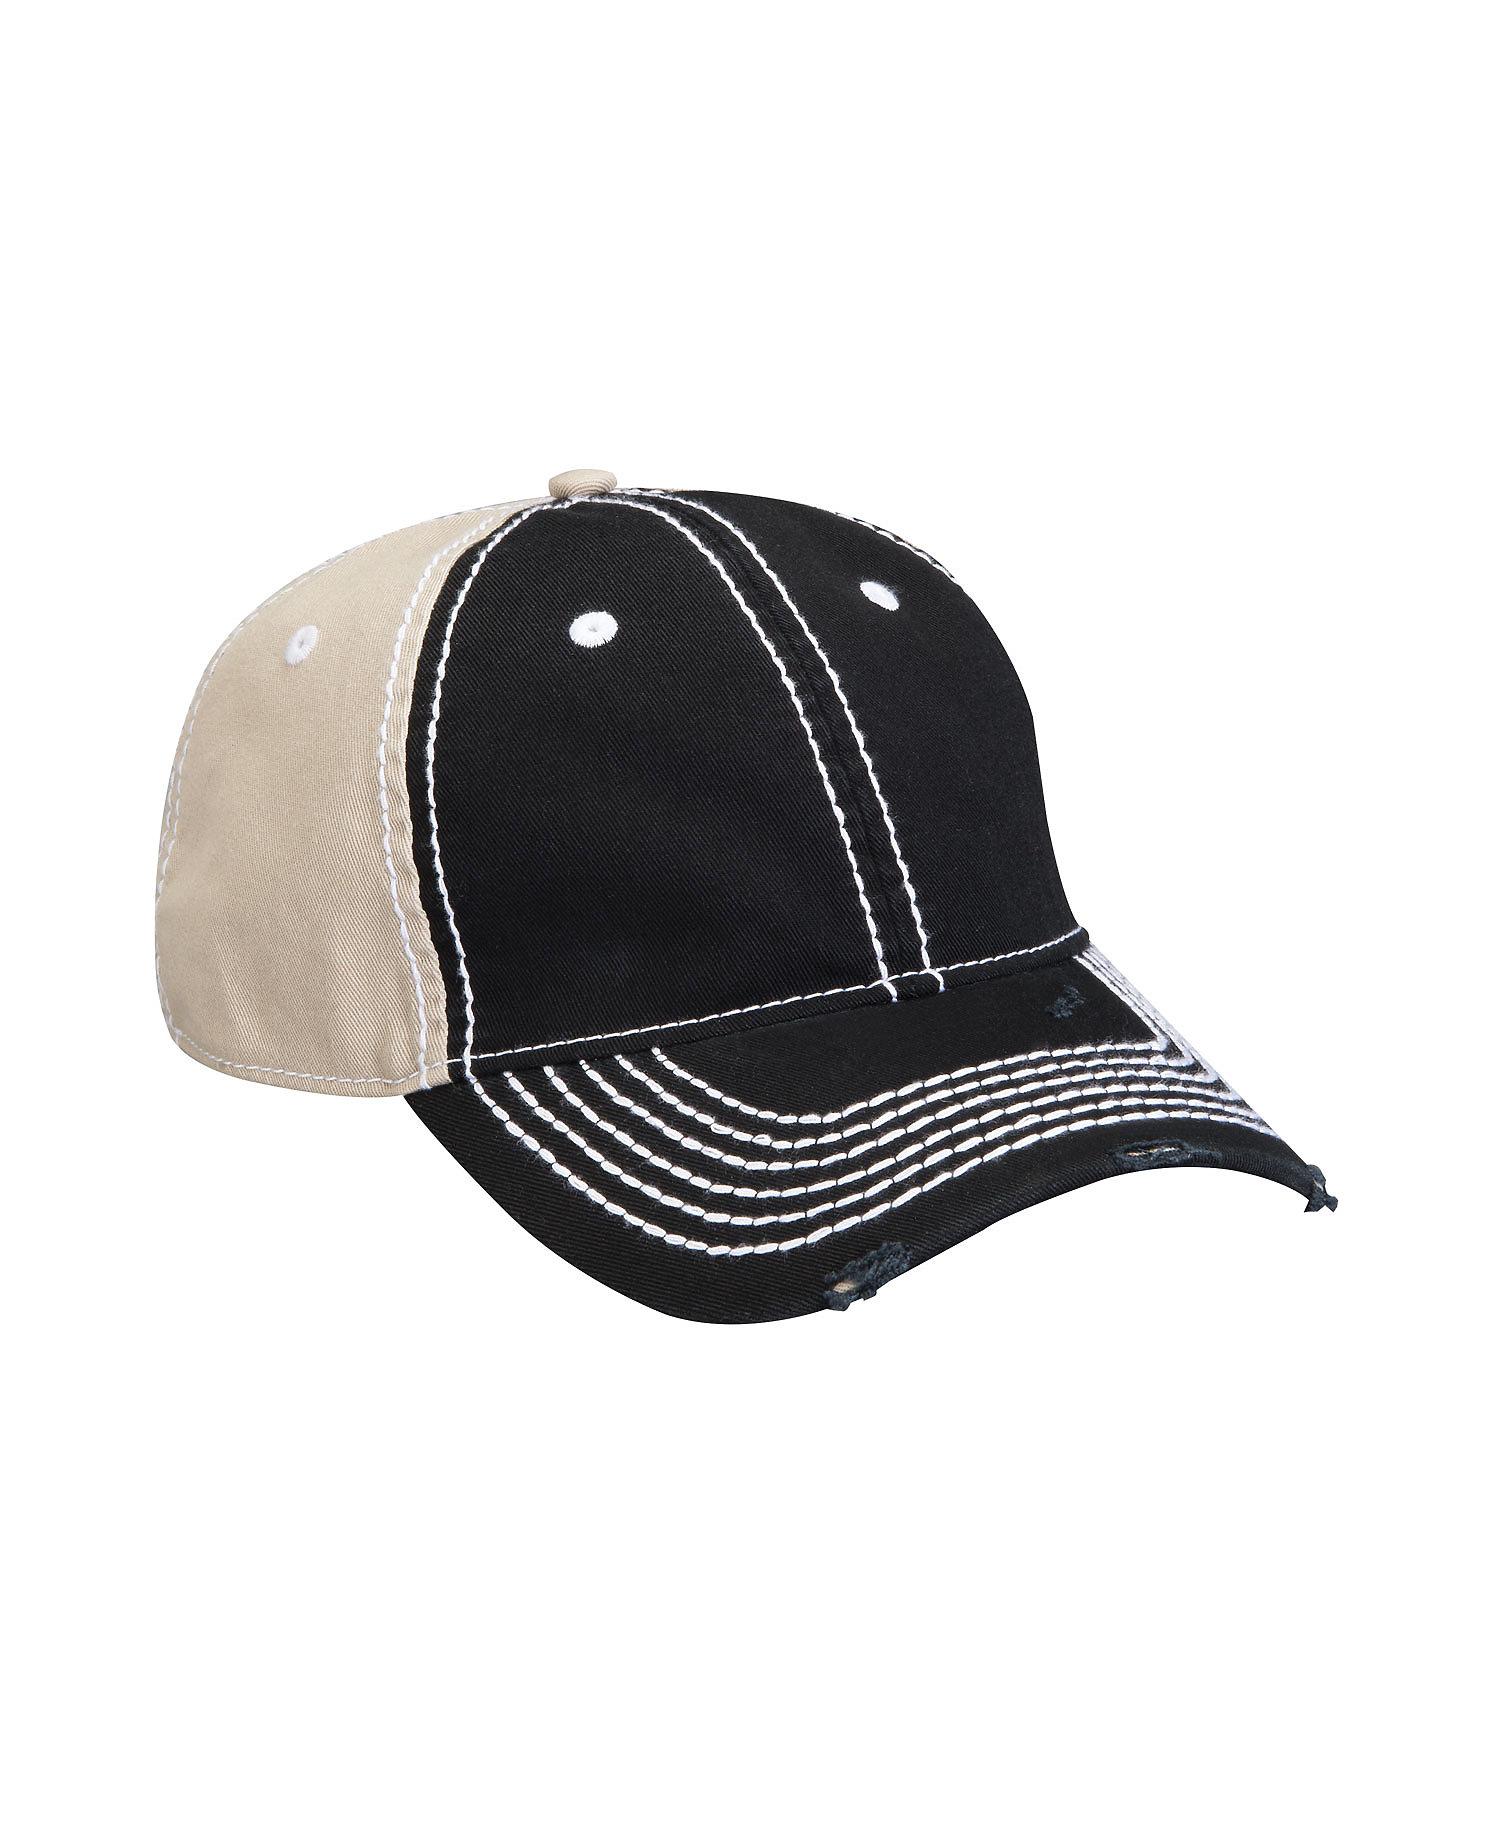 Adams Caps RM102 - Rambler Cap